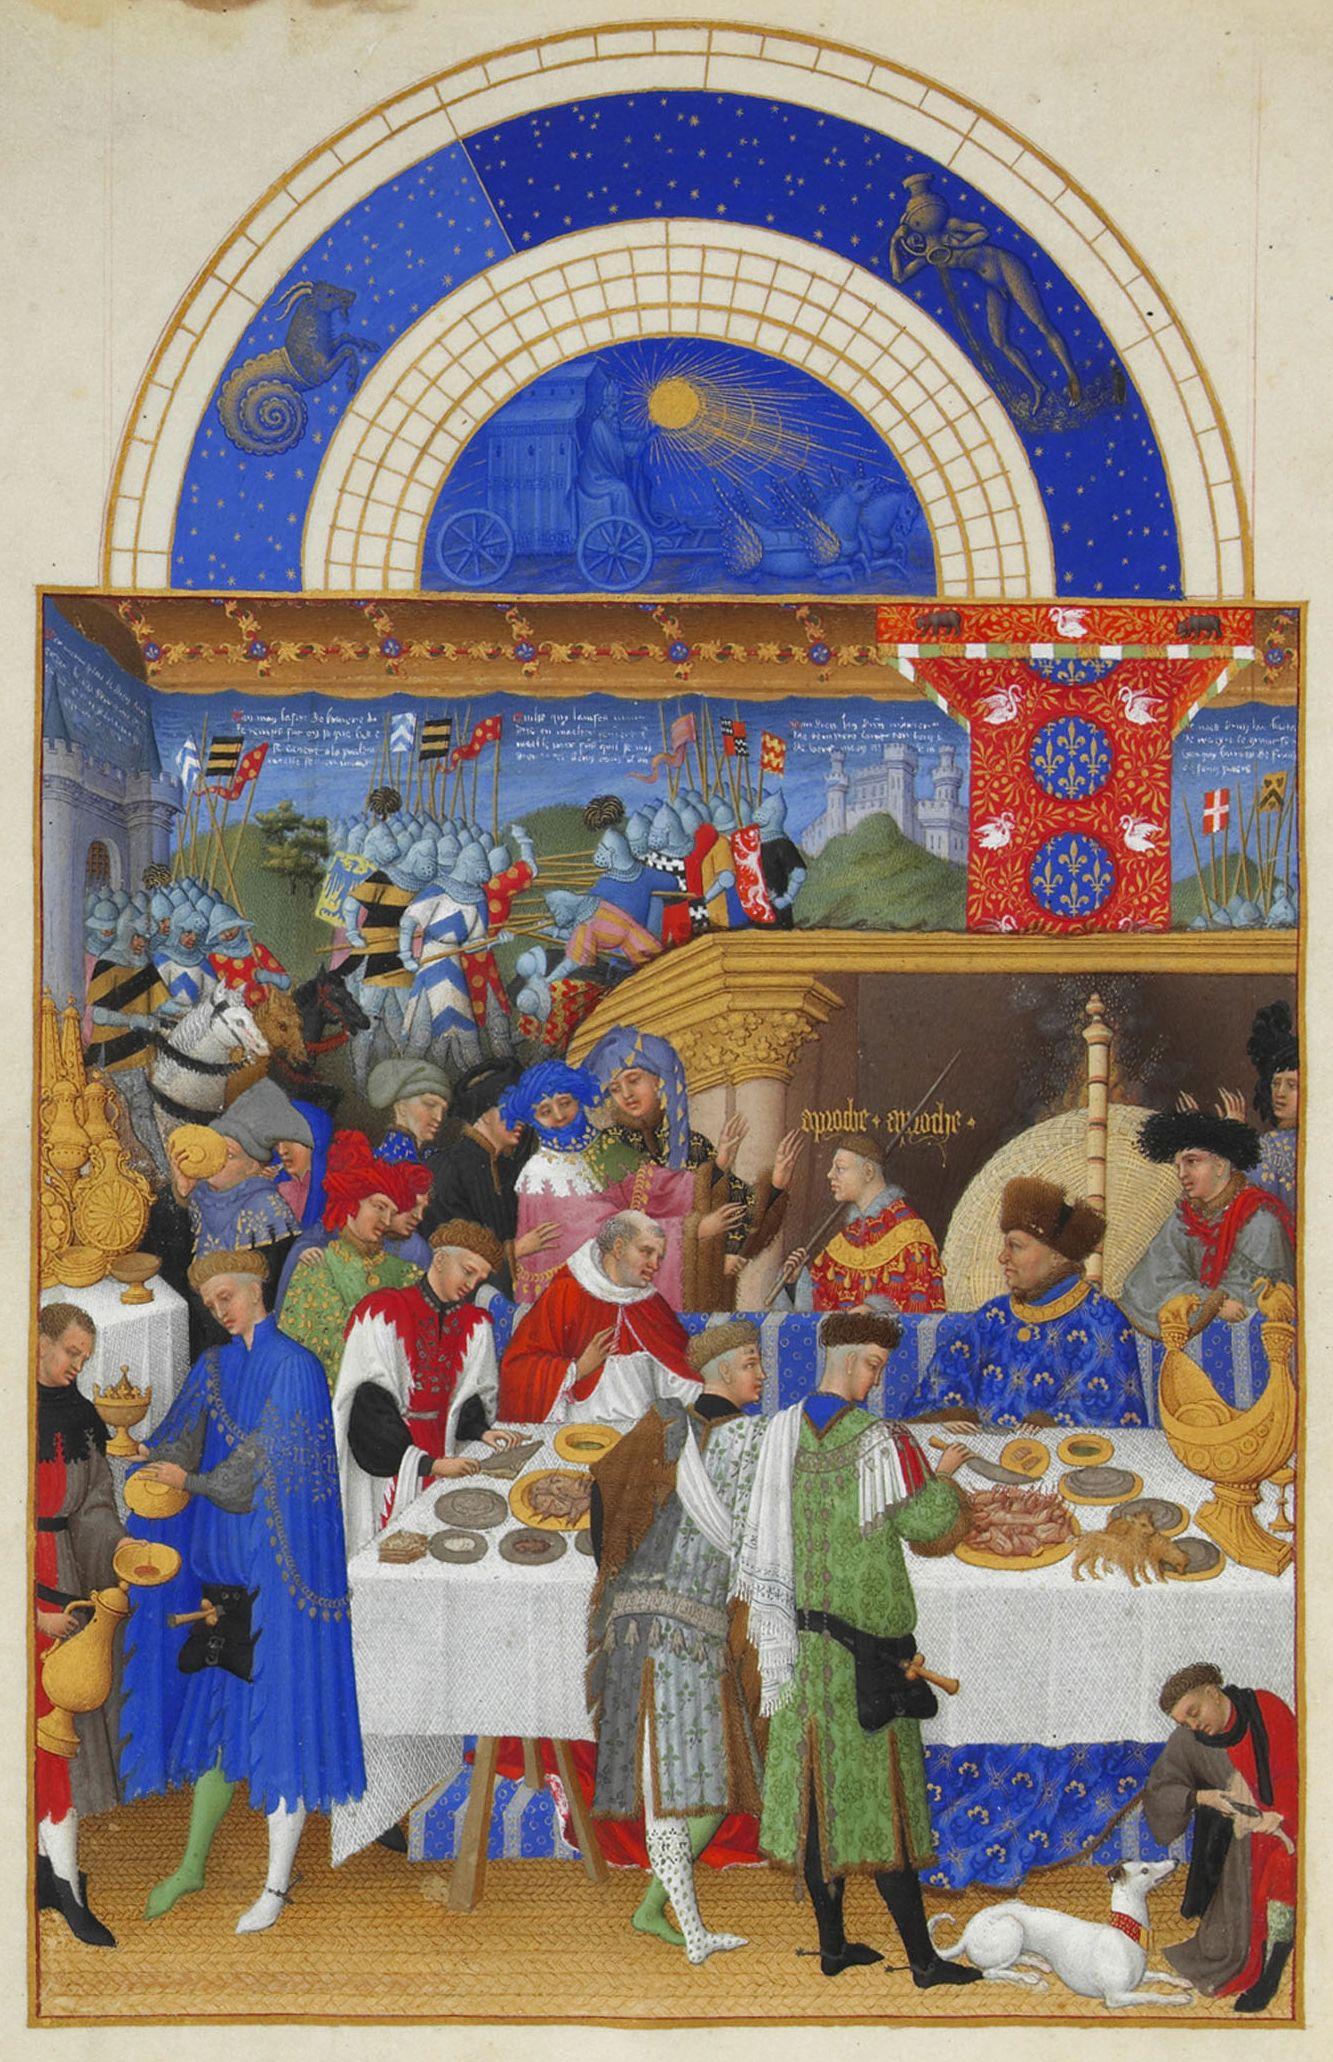 Les Très Riches Heures du duc de Berry Janvier, thanks WikiCommons